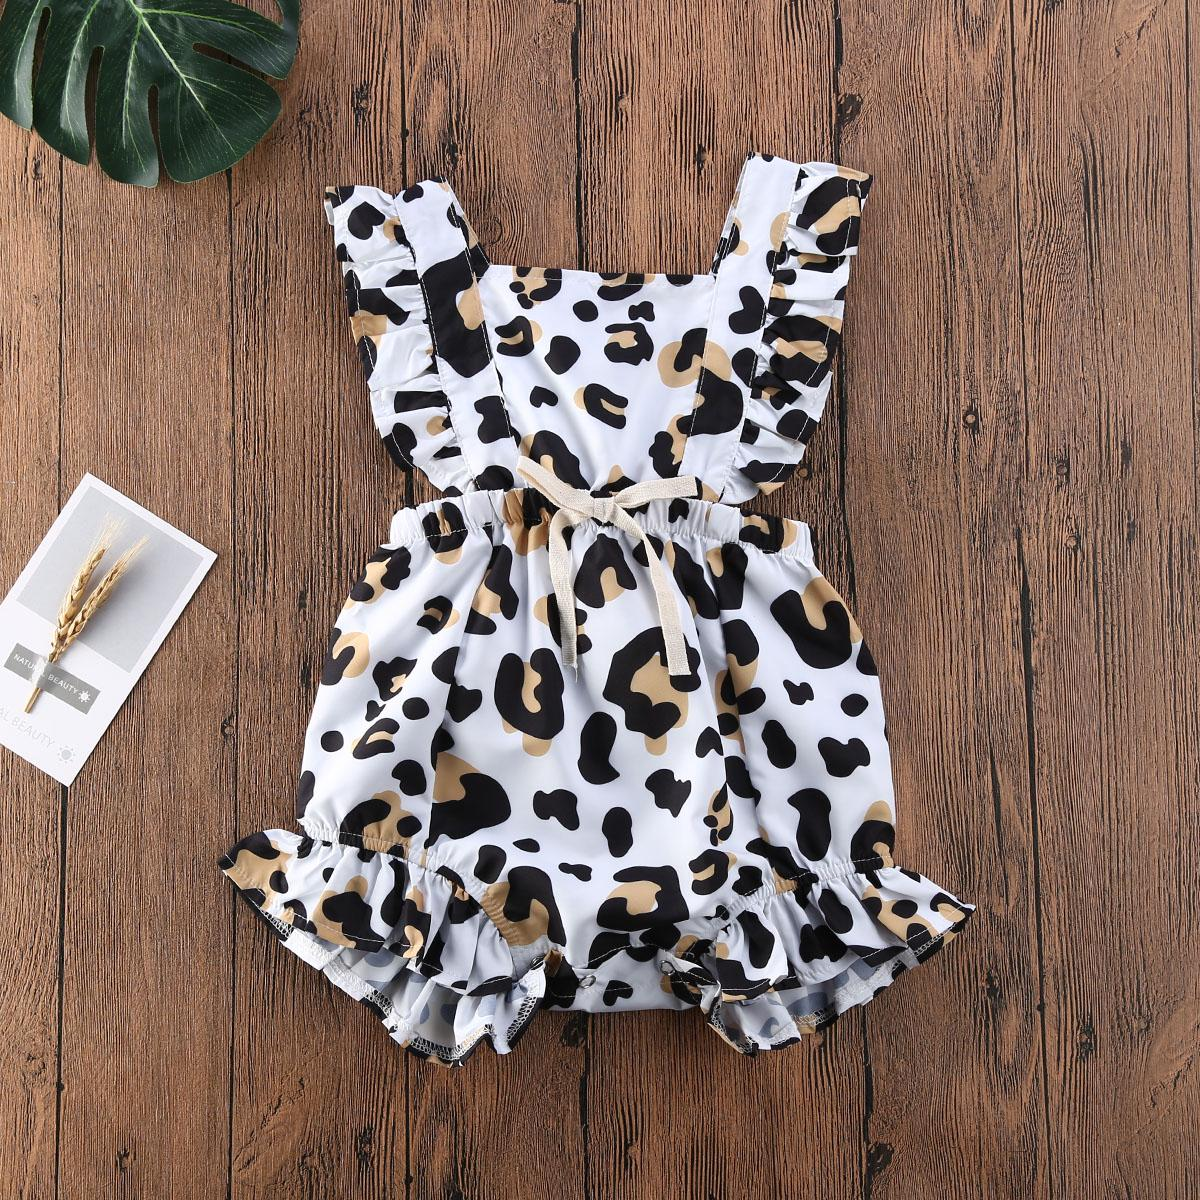 Baby Kleidung Mädchen Leopard Print Sleeveless Rüschen Strampler Neugeborenen Overall One-Piece Sonnenanzug Baby Sommer Kleidung